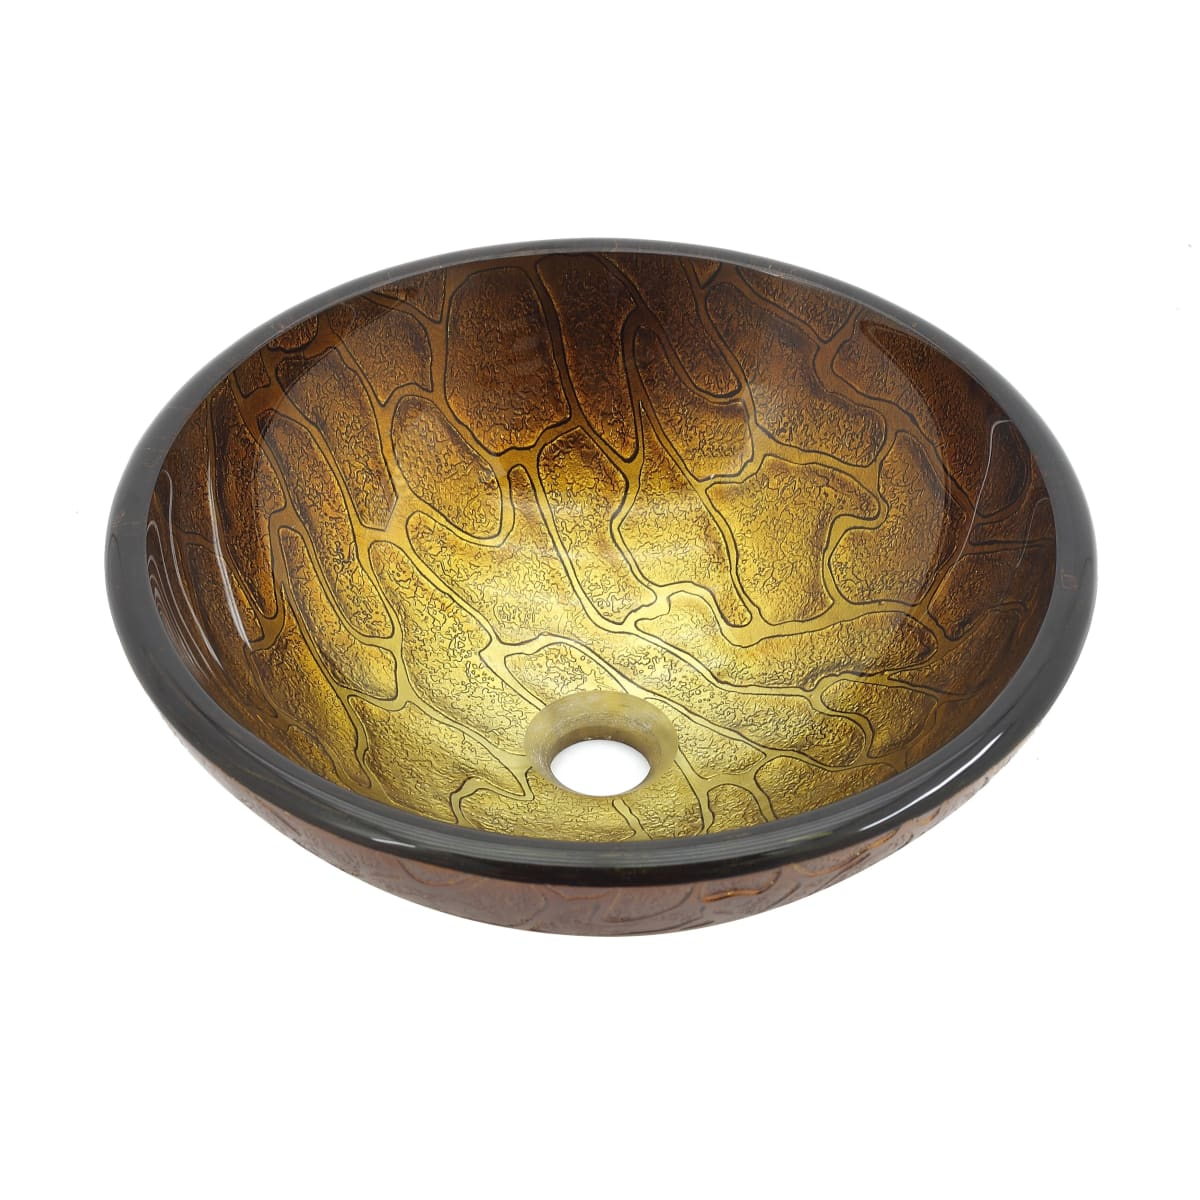 Kraus Gv 690 19mm Triton 16 1 2 Triton Glass Vessel Bathroom Sink Only Faucet Com